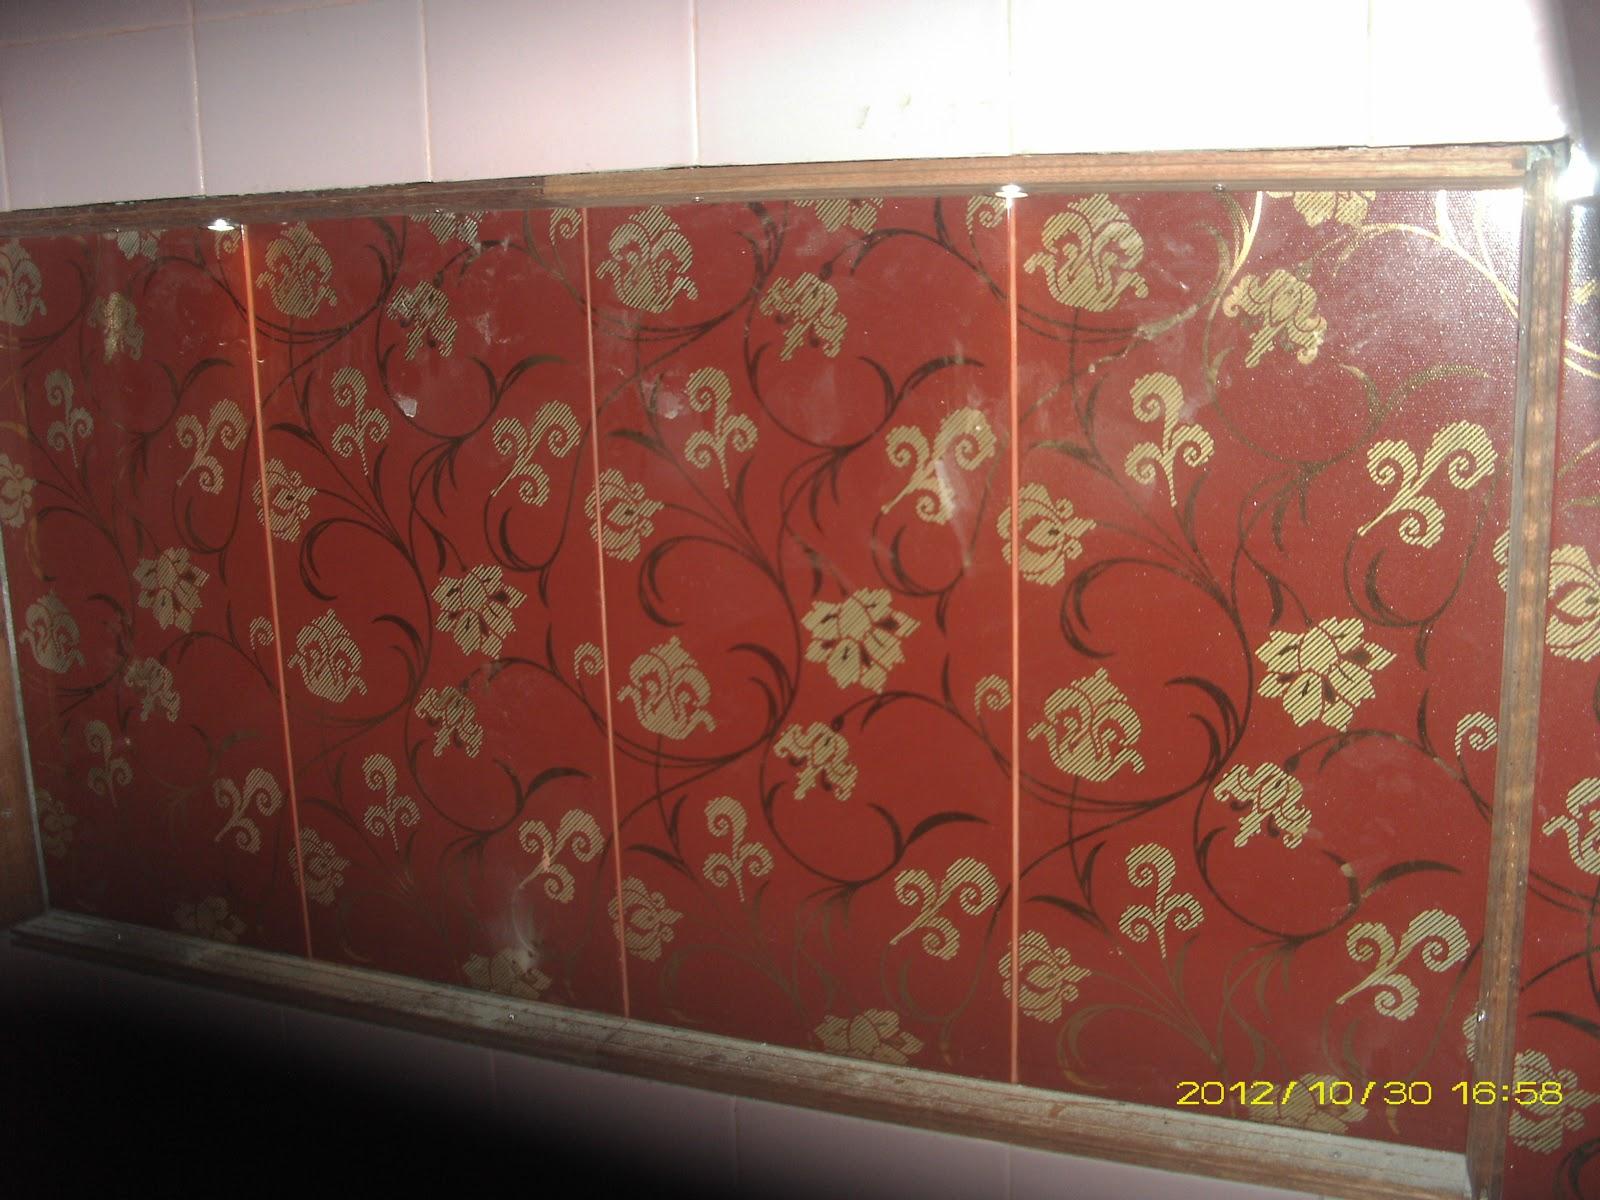 ... FirstMedia: foto kamar mandi dengan keramik roman belleza warna maroon